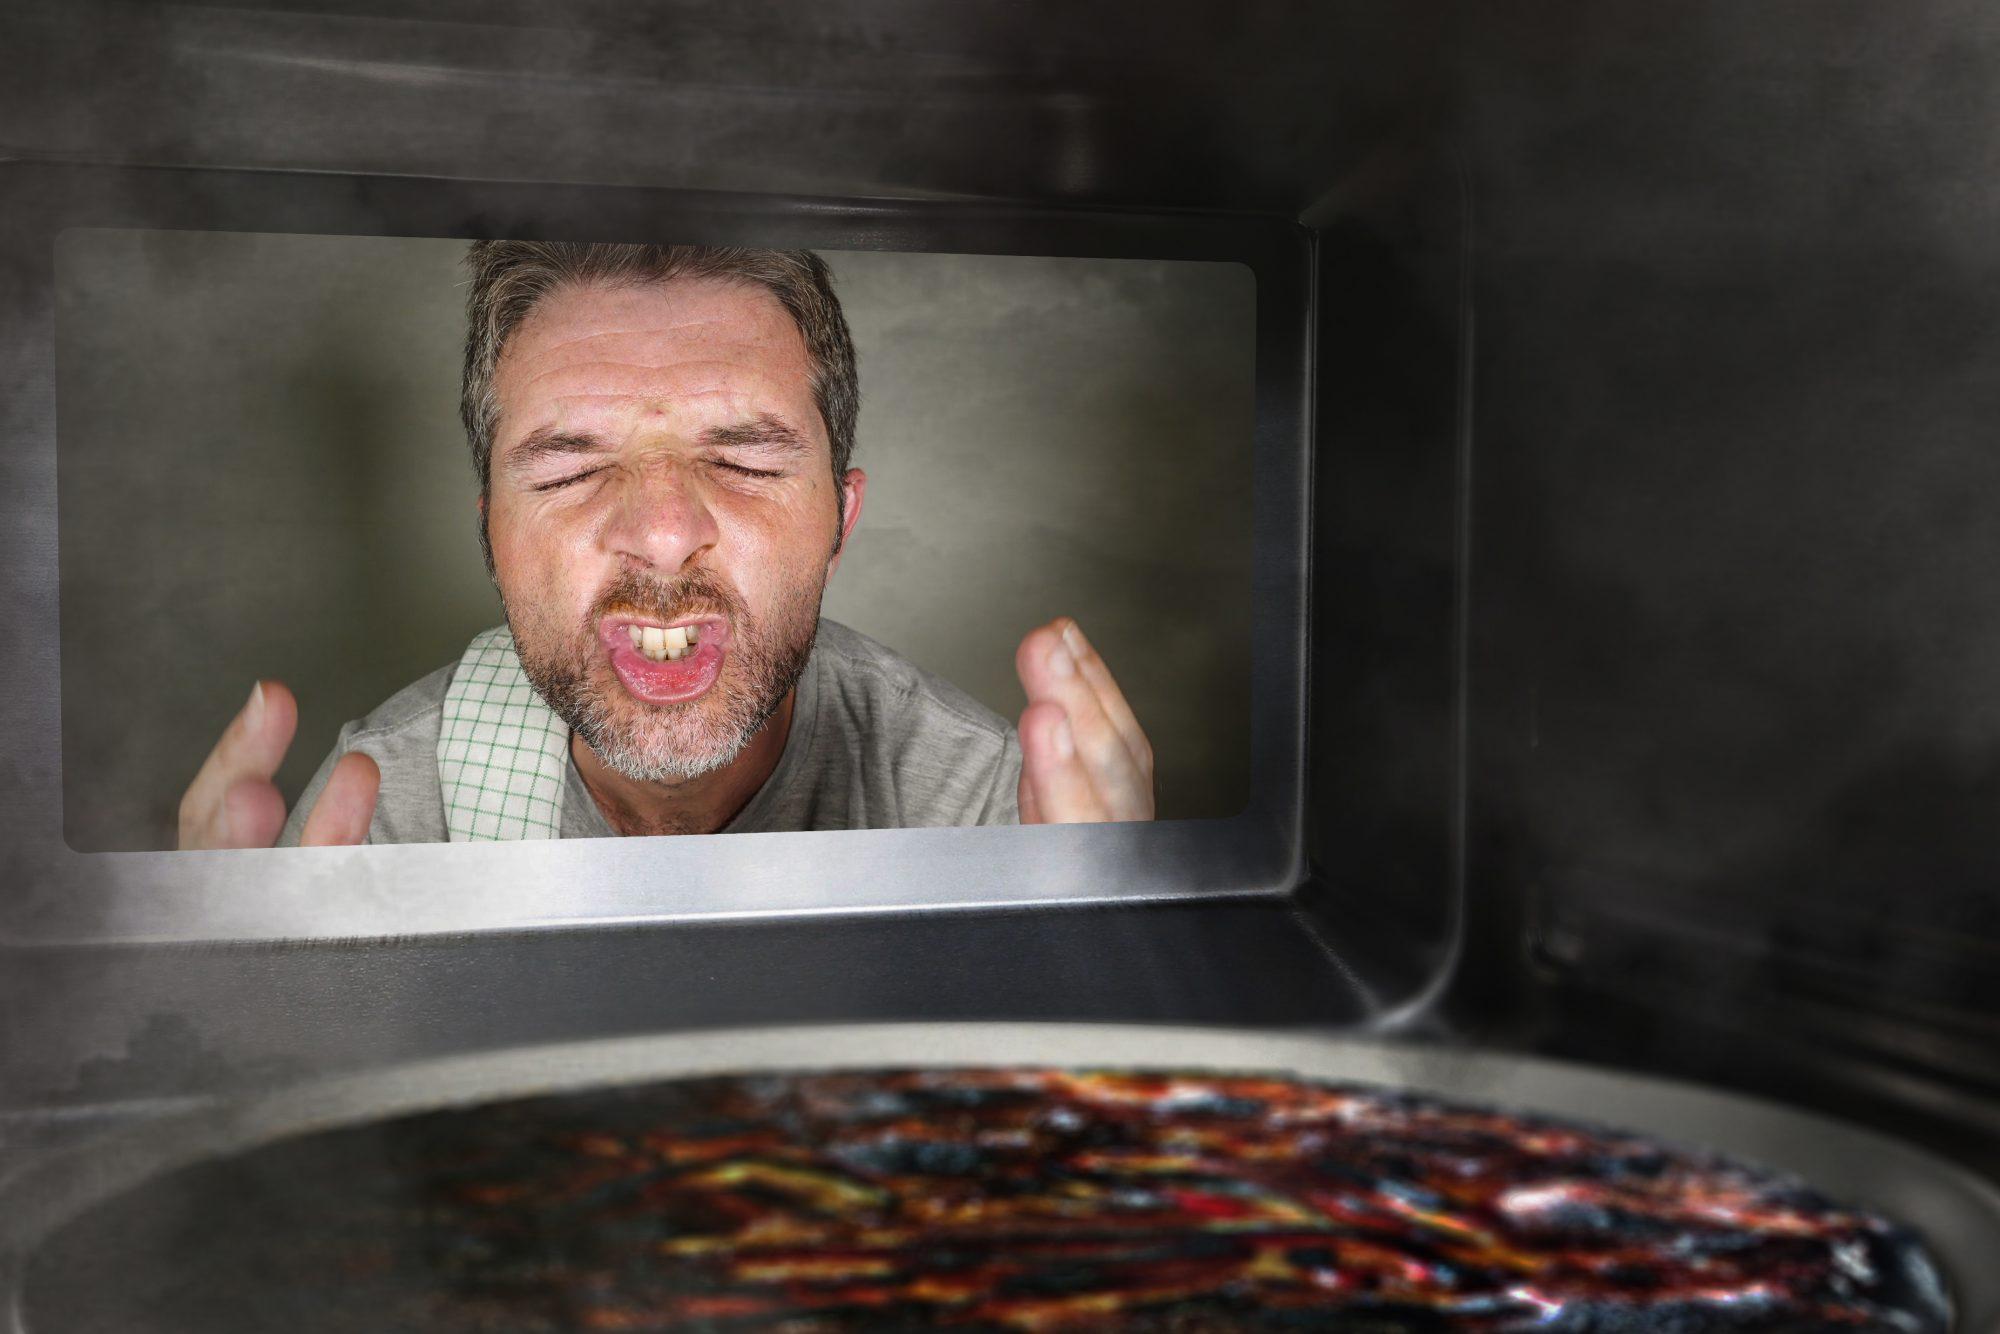 microwave-fail-1135890777.jpg